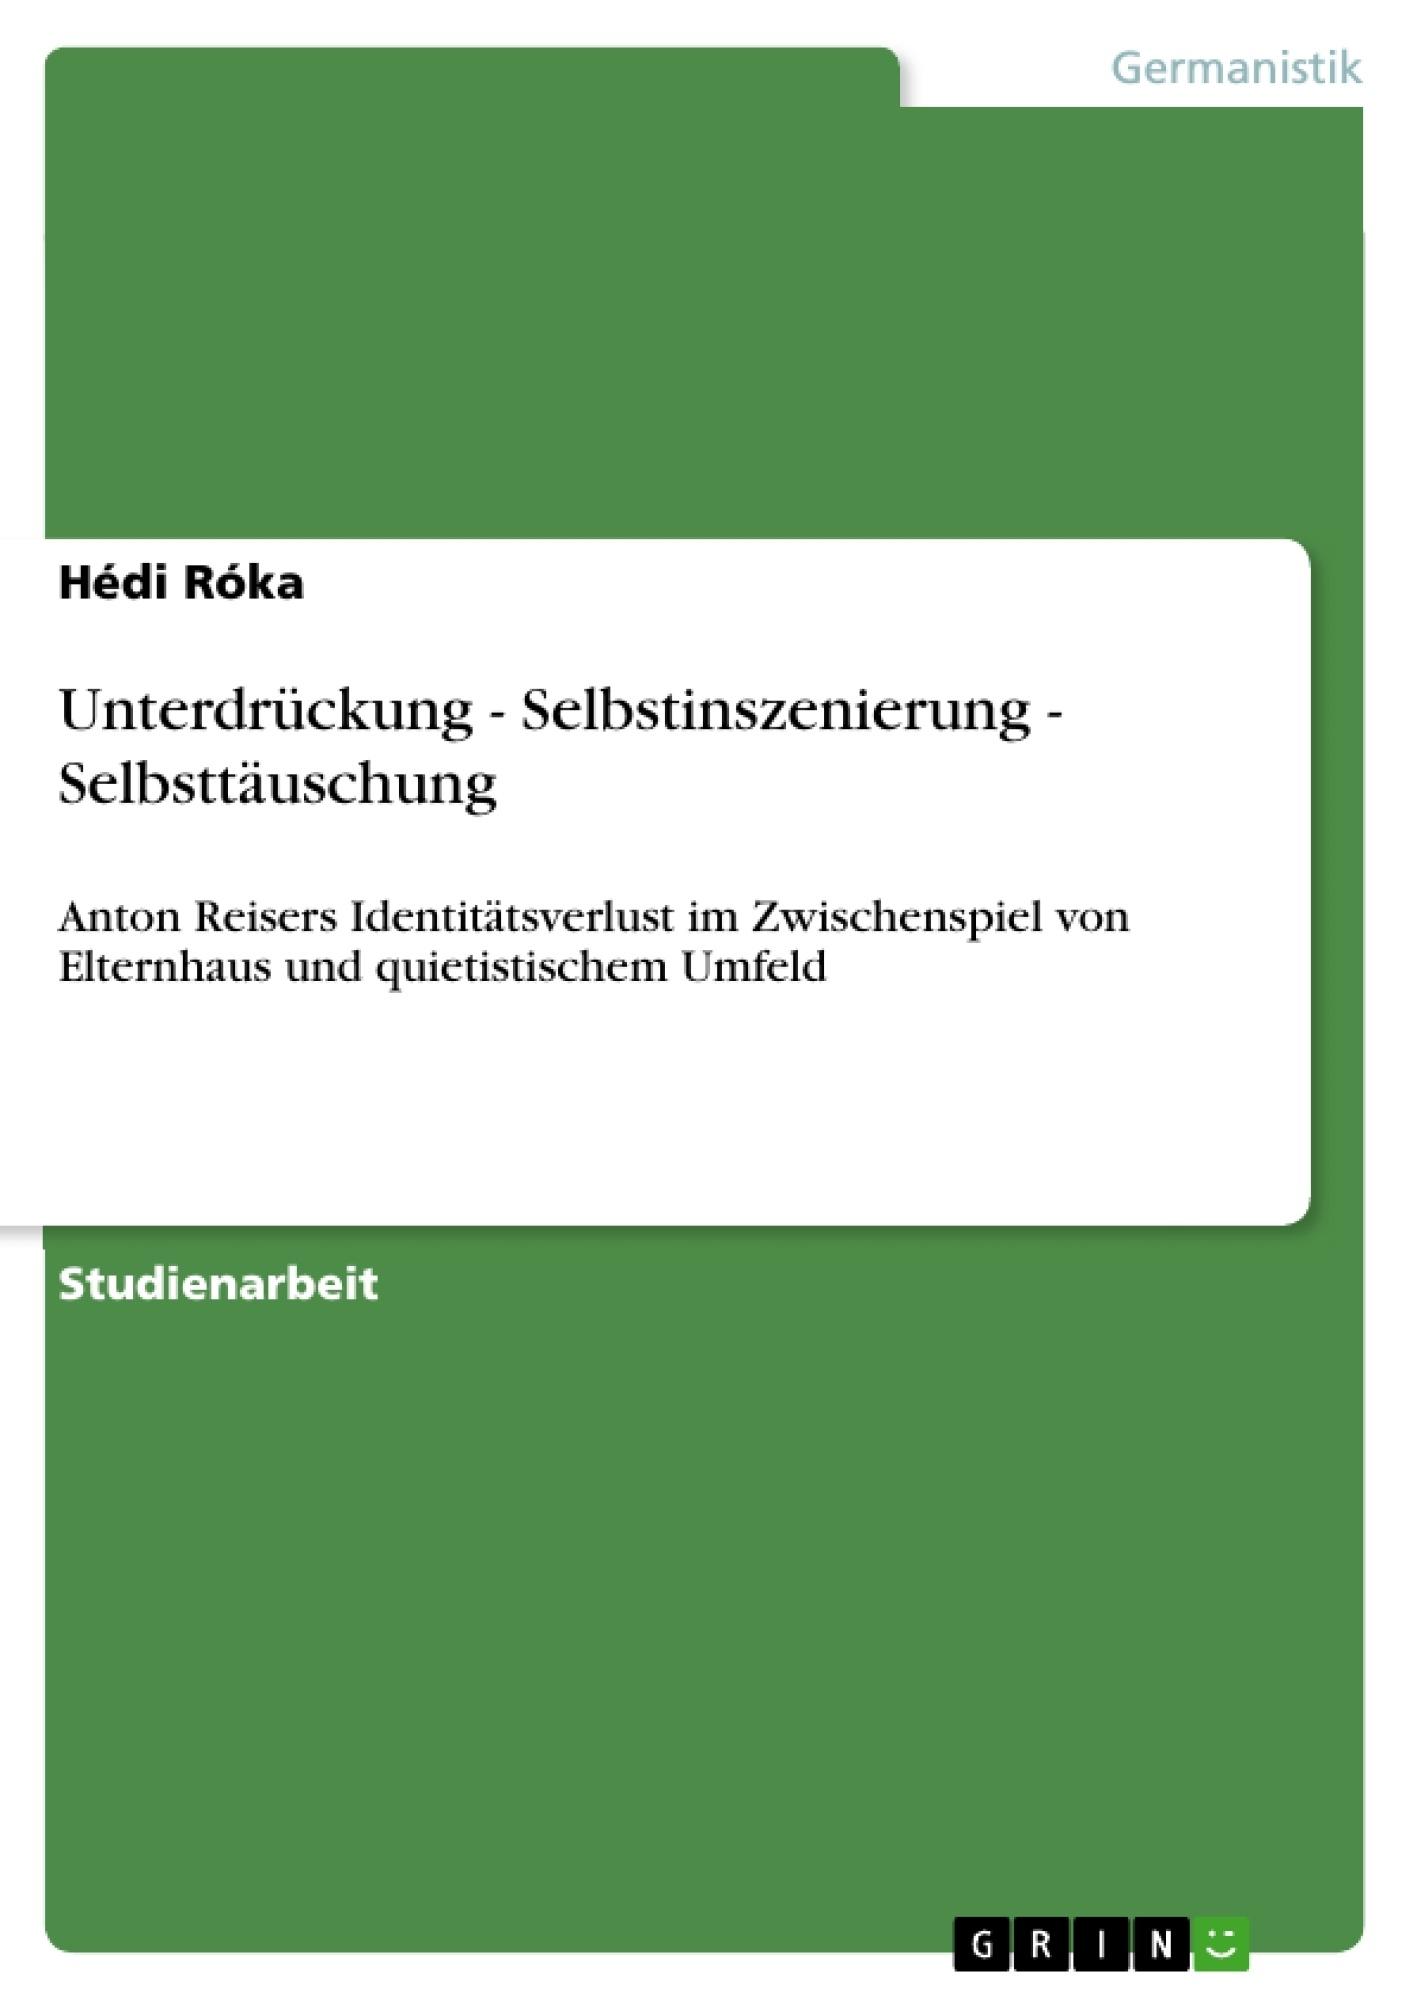 Titel: Unterdrückung - Selbstinszenierung - Selbsttäuschung